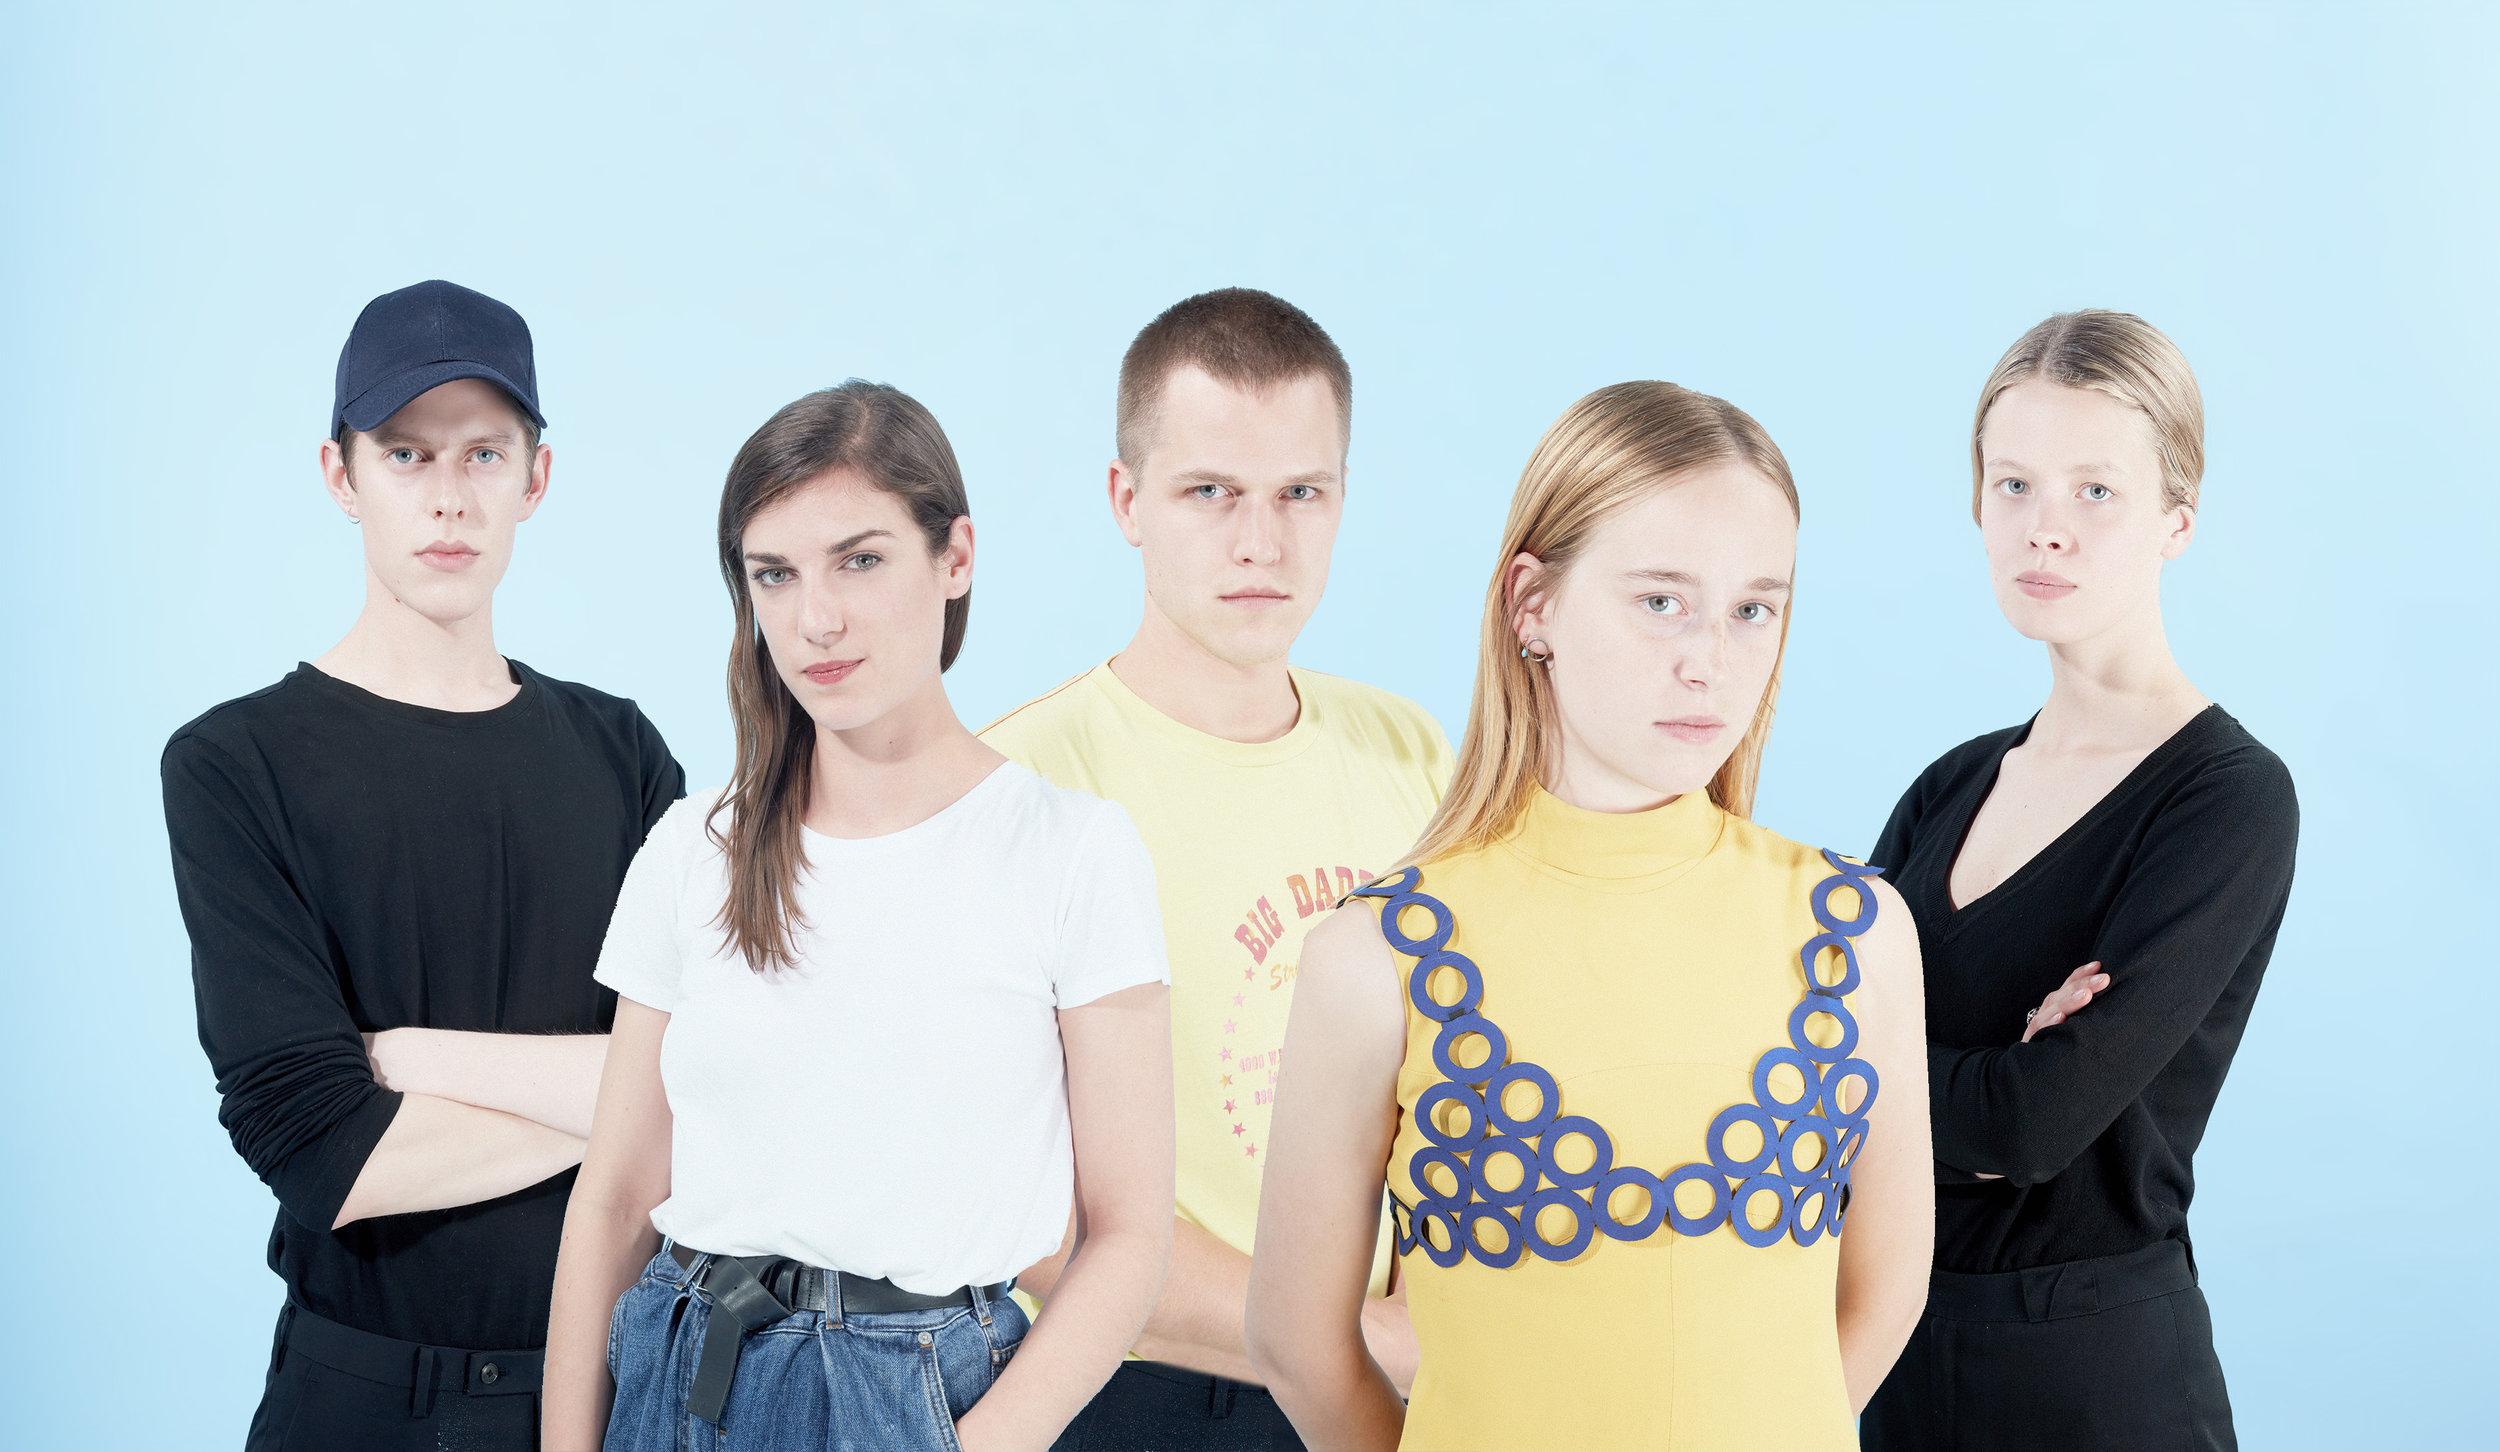 Kjell de Meersman, Sofie Gaudaen, Emmanuel Ryngaert, Sofie Nieuwborg & Marie-Sophie Beinke.